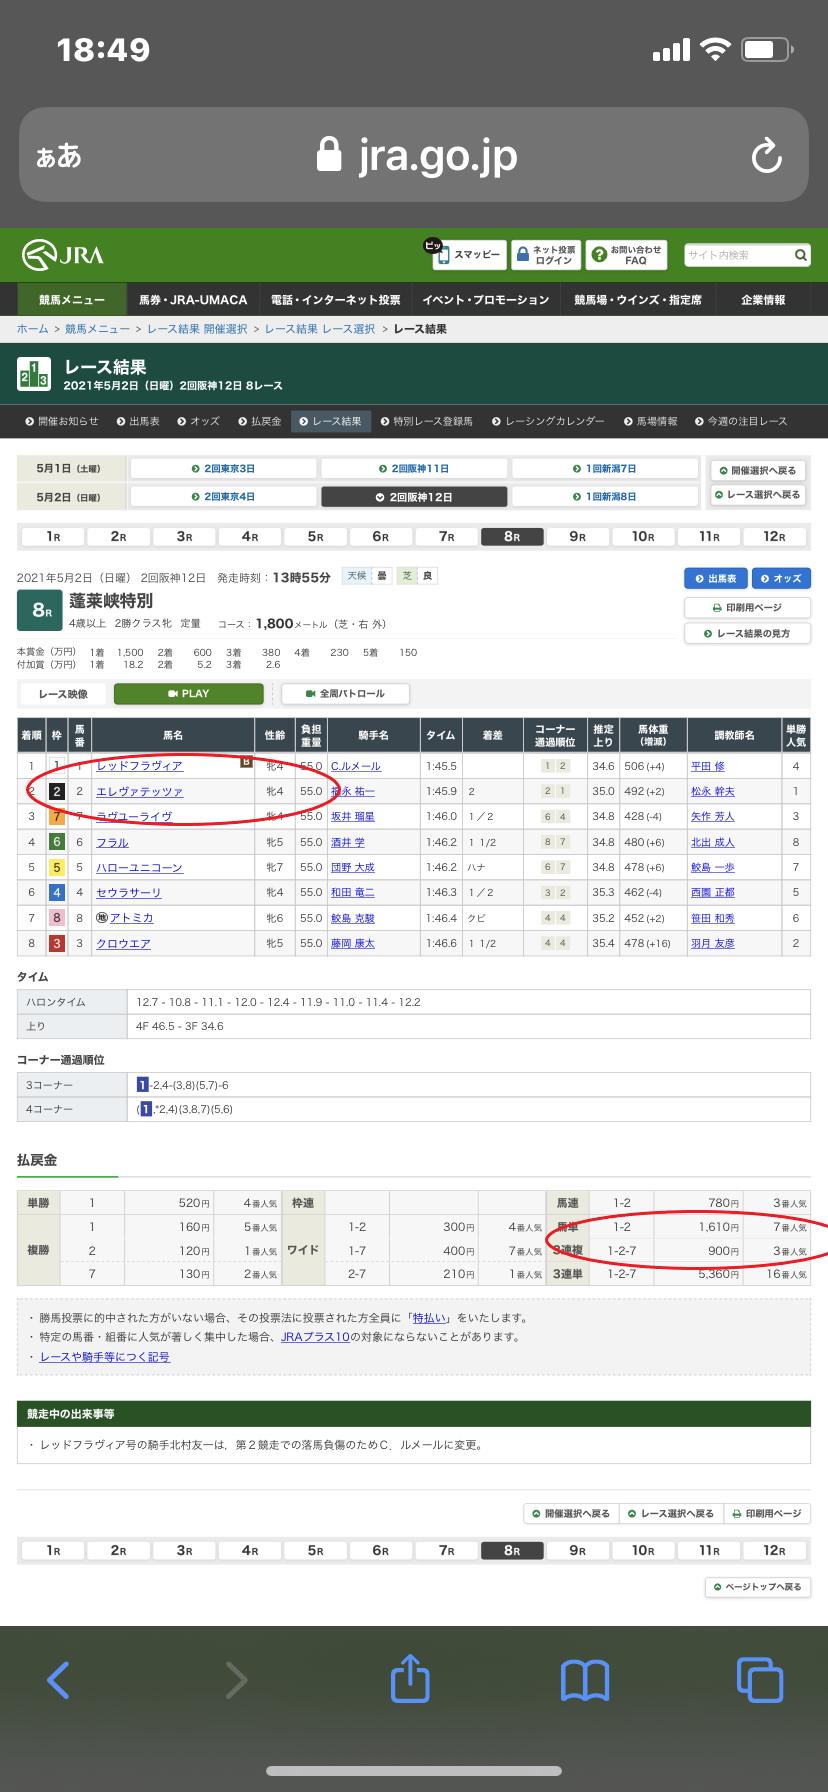 5月2日麒麟の無料情報「阪神8R』の結果